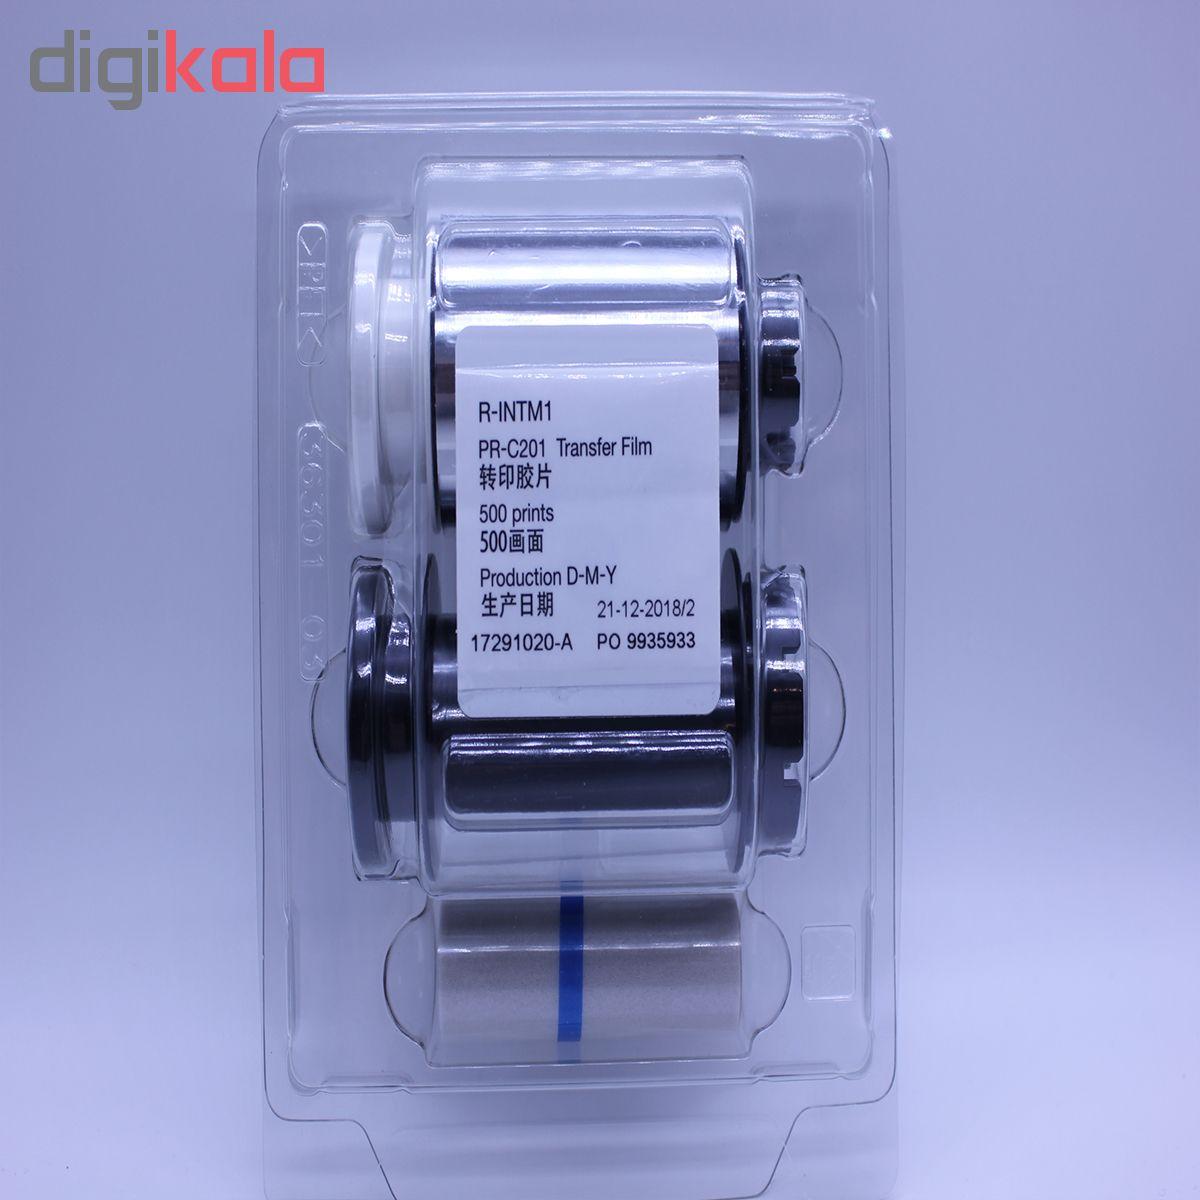 قیمت                      فیلم پرینتر کارت مدل نیسا RC-201